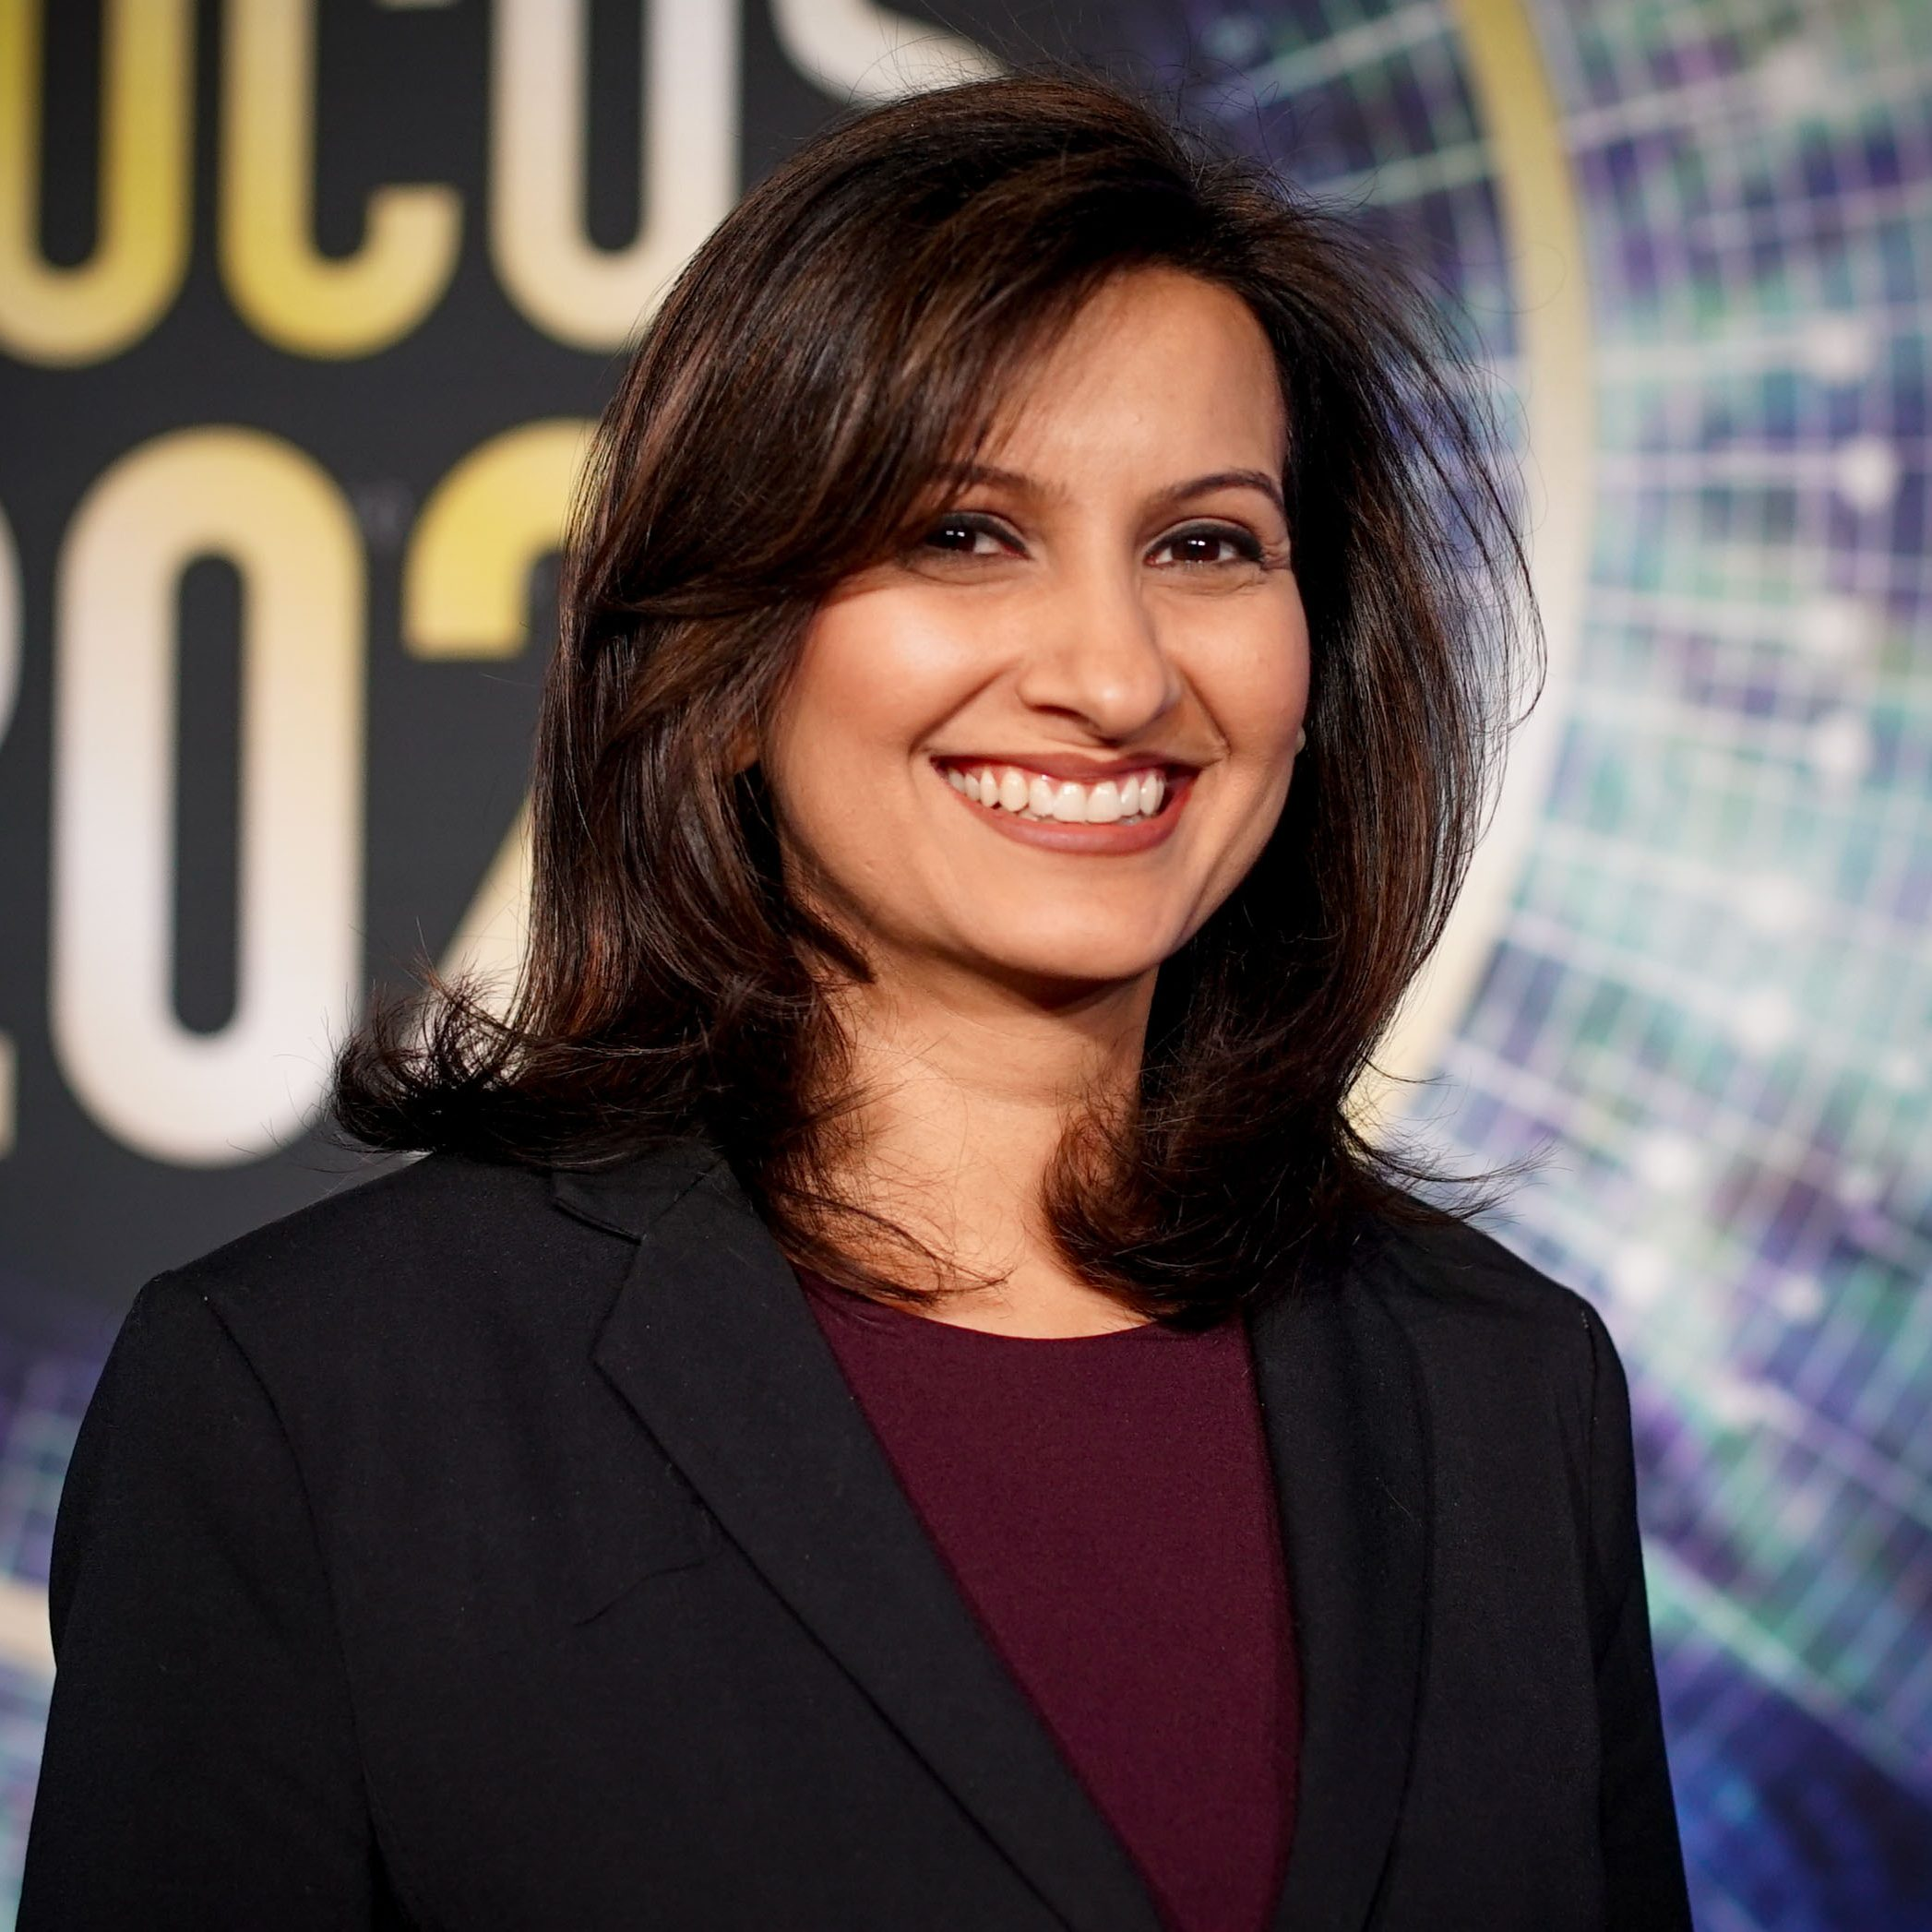 Alida profile pic